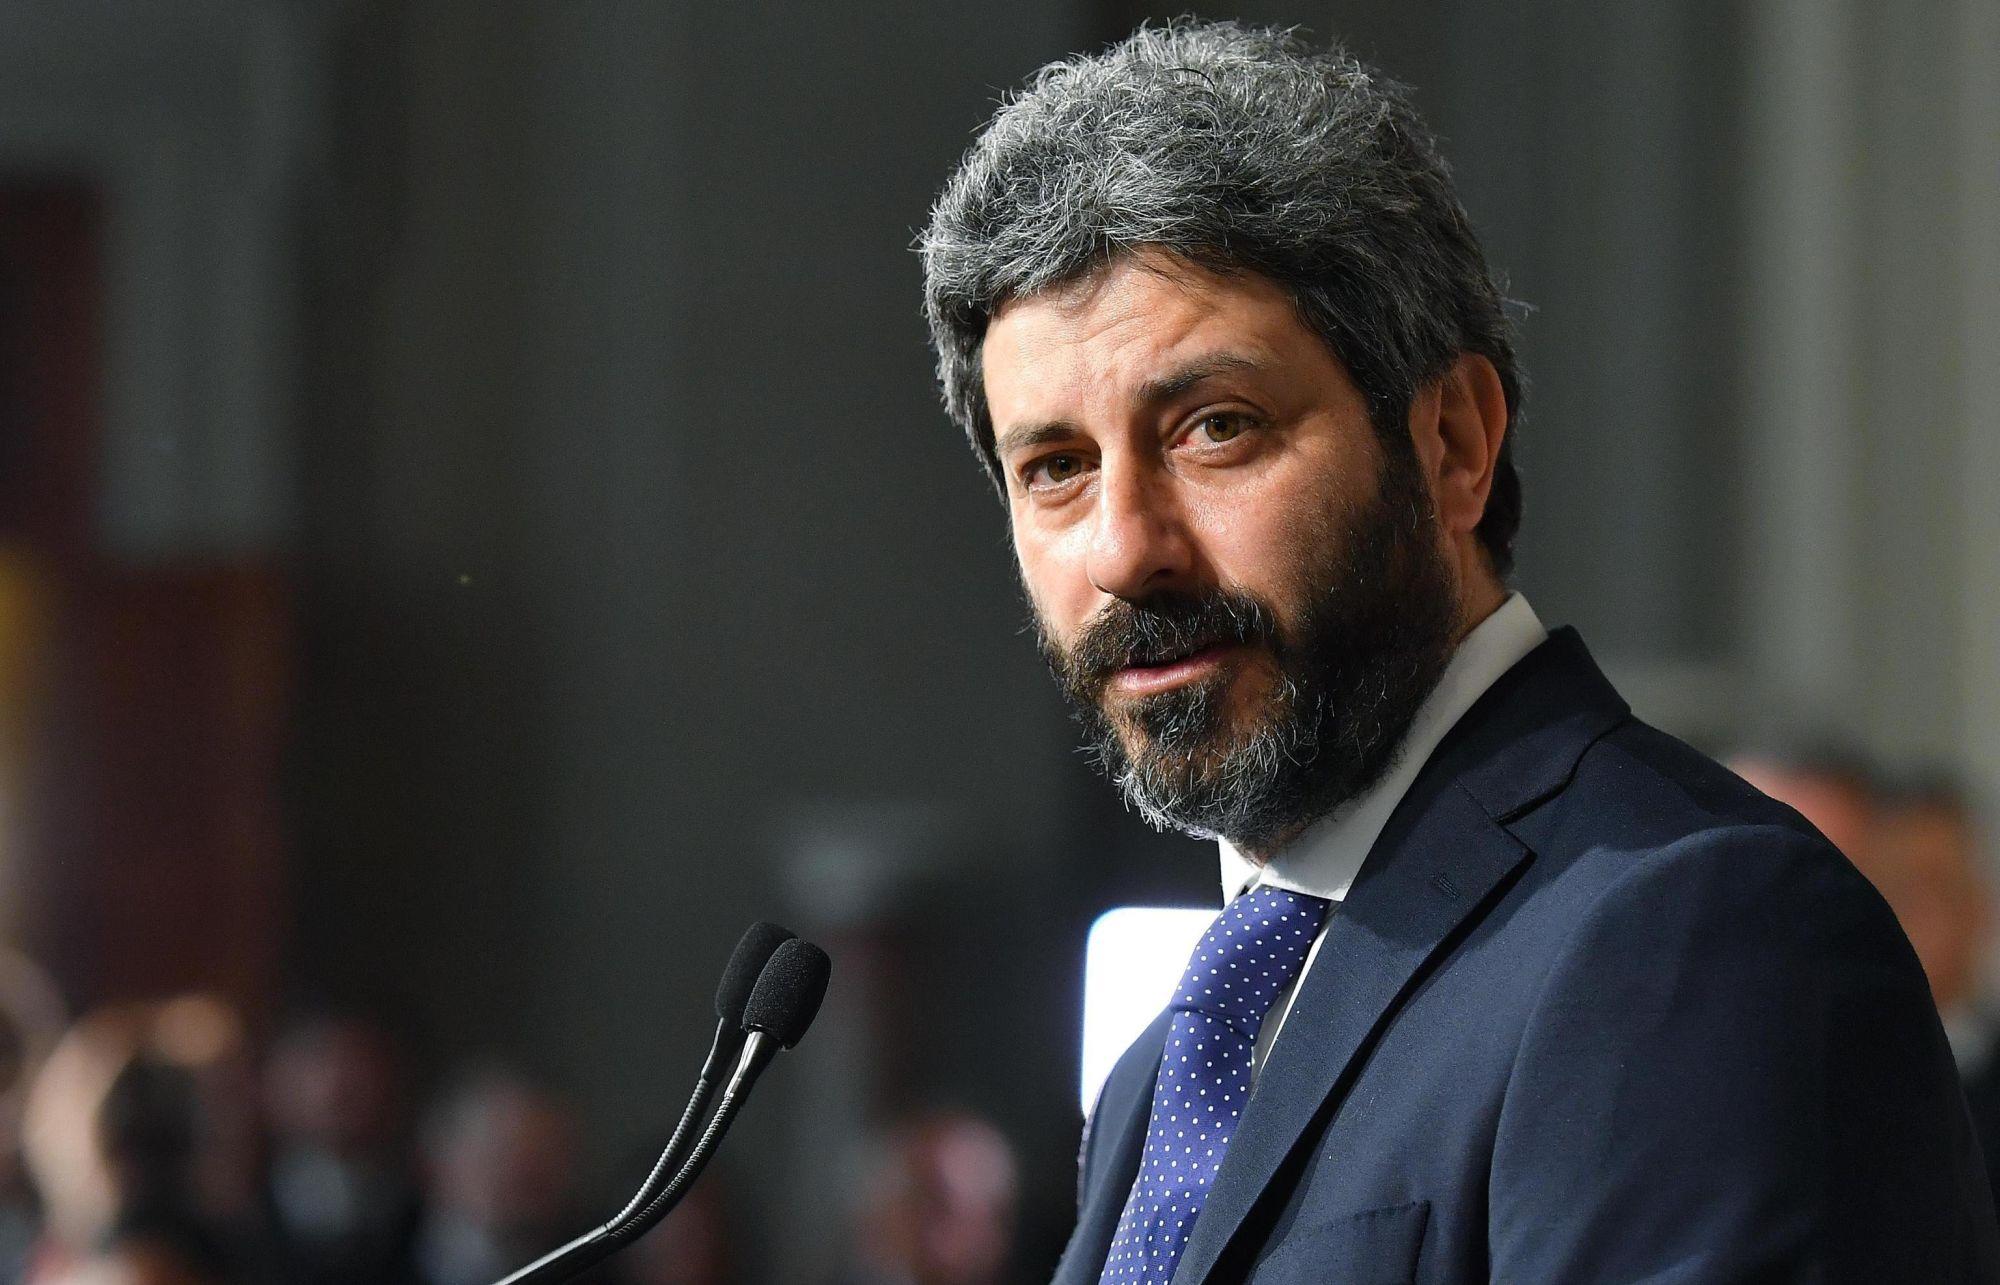 Roberto Fico, az olasz képviselőház elnöke, az Öt Csillag Mozgalom (M5S) politikusa sajtótájékoztatón beszámol a Sergio Mattarella olasz államfővel tartott megbeszélésének eredményéről a római államfői rezidencián, a Quirinale-palotában 2018. április 23-án. Mattarella az M5S és a balközép Demokrata Párt (PD) közti kormányalakítás lehetőségének felmérésével bízta meg Ficót. Olaszországban március 4-én tartottak választásokat, de egyetlen párt vagy pártszövetség sem szerzett többséget. (MTI/EPA/Ettore Ferrari)